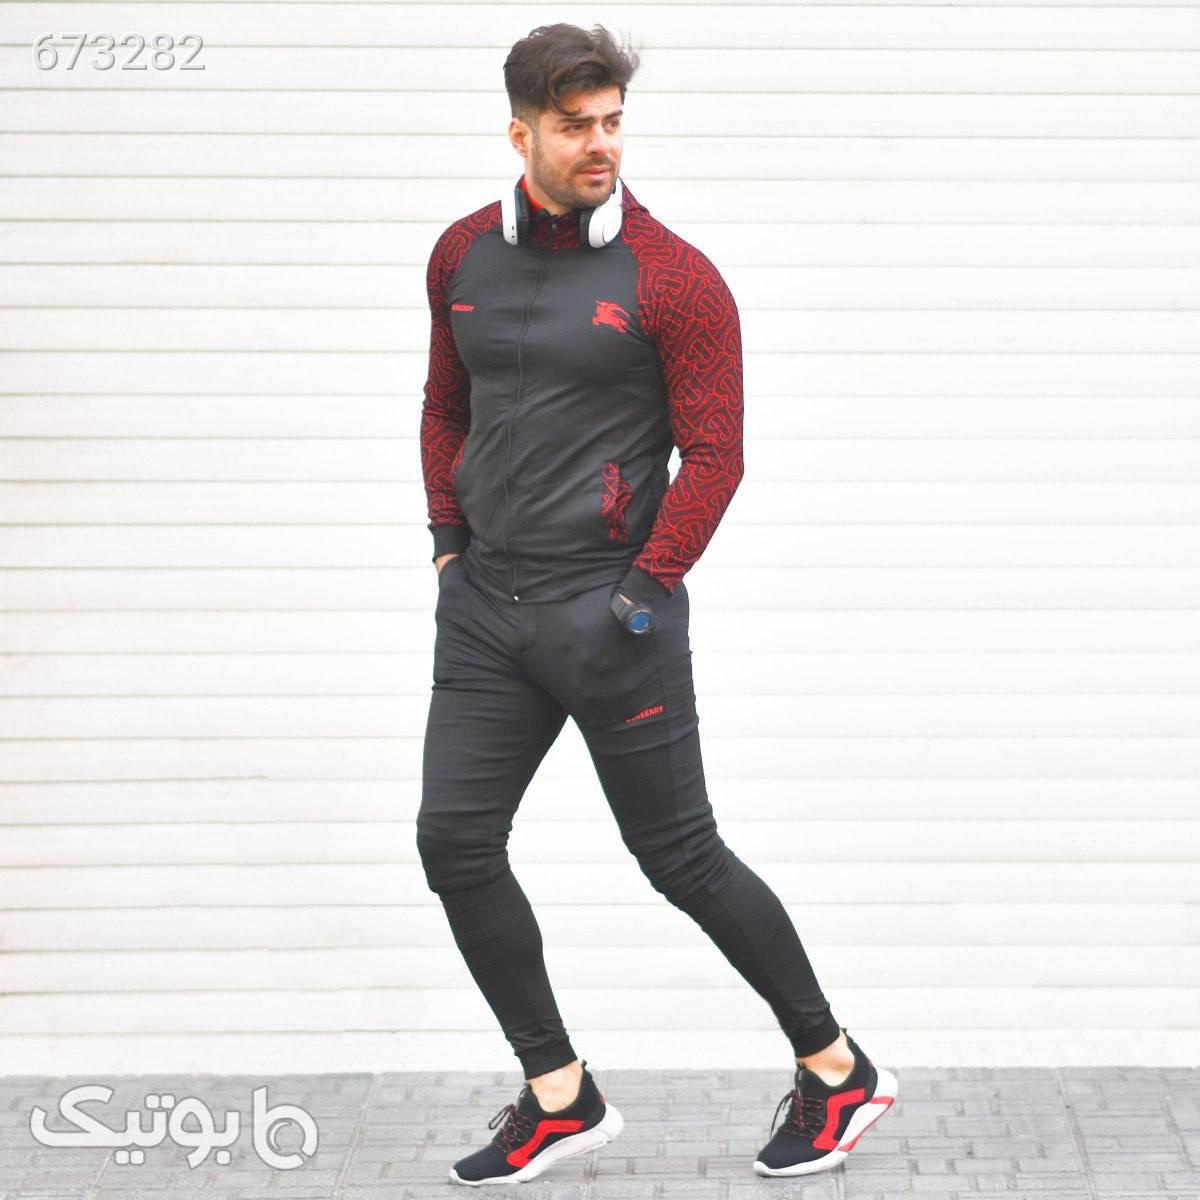 ست سوئيشرت شلوارمردانه مدل BARMAK مشکی ست ورزشی مردانه